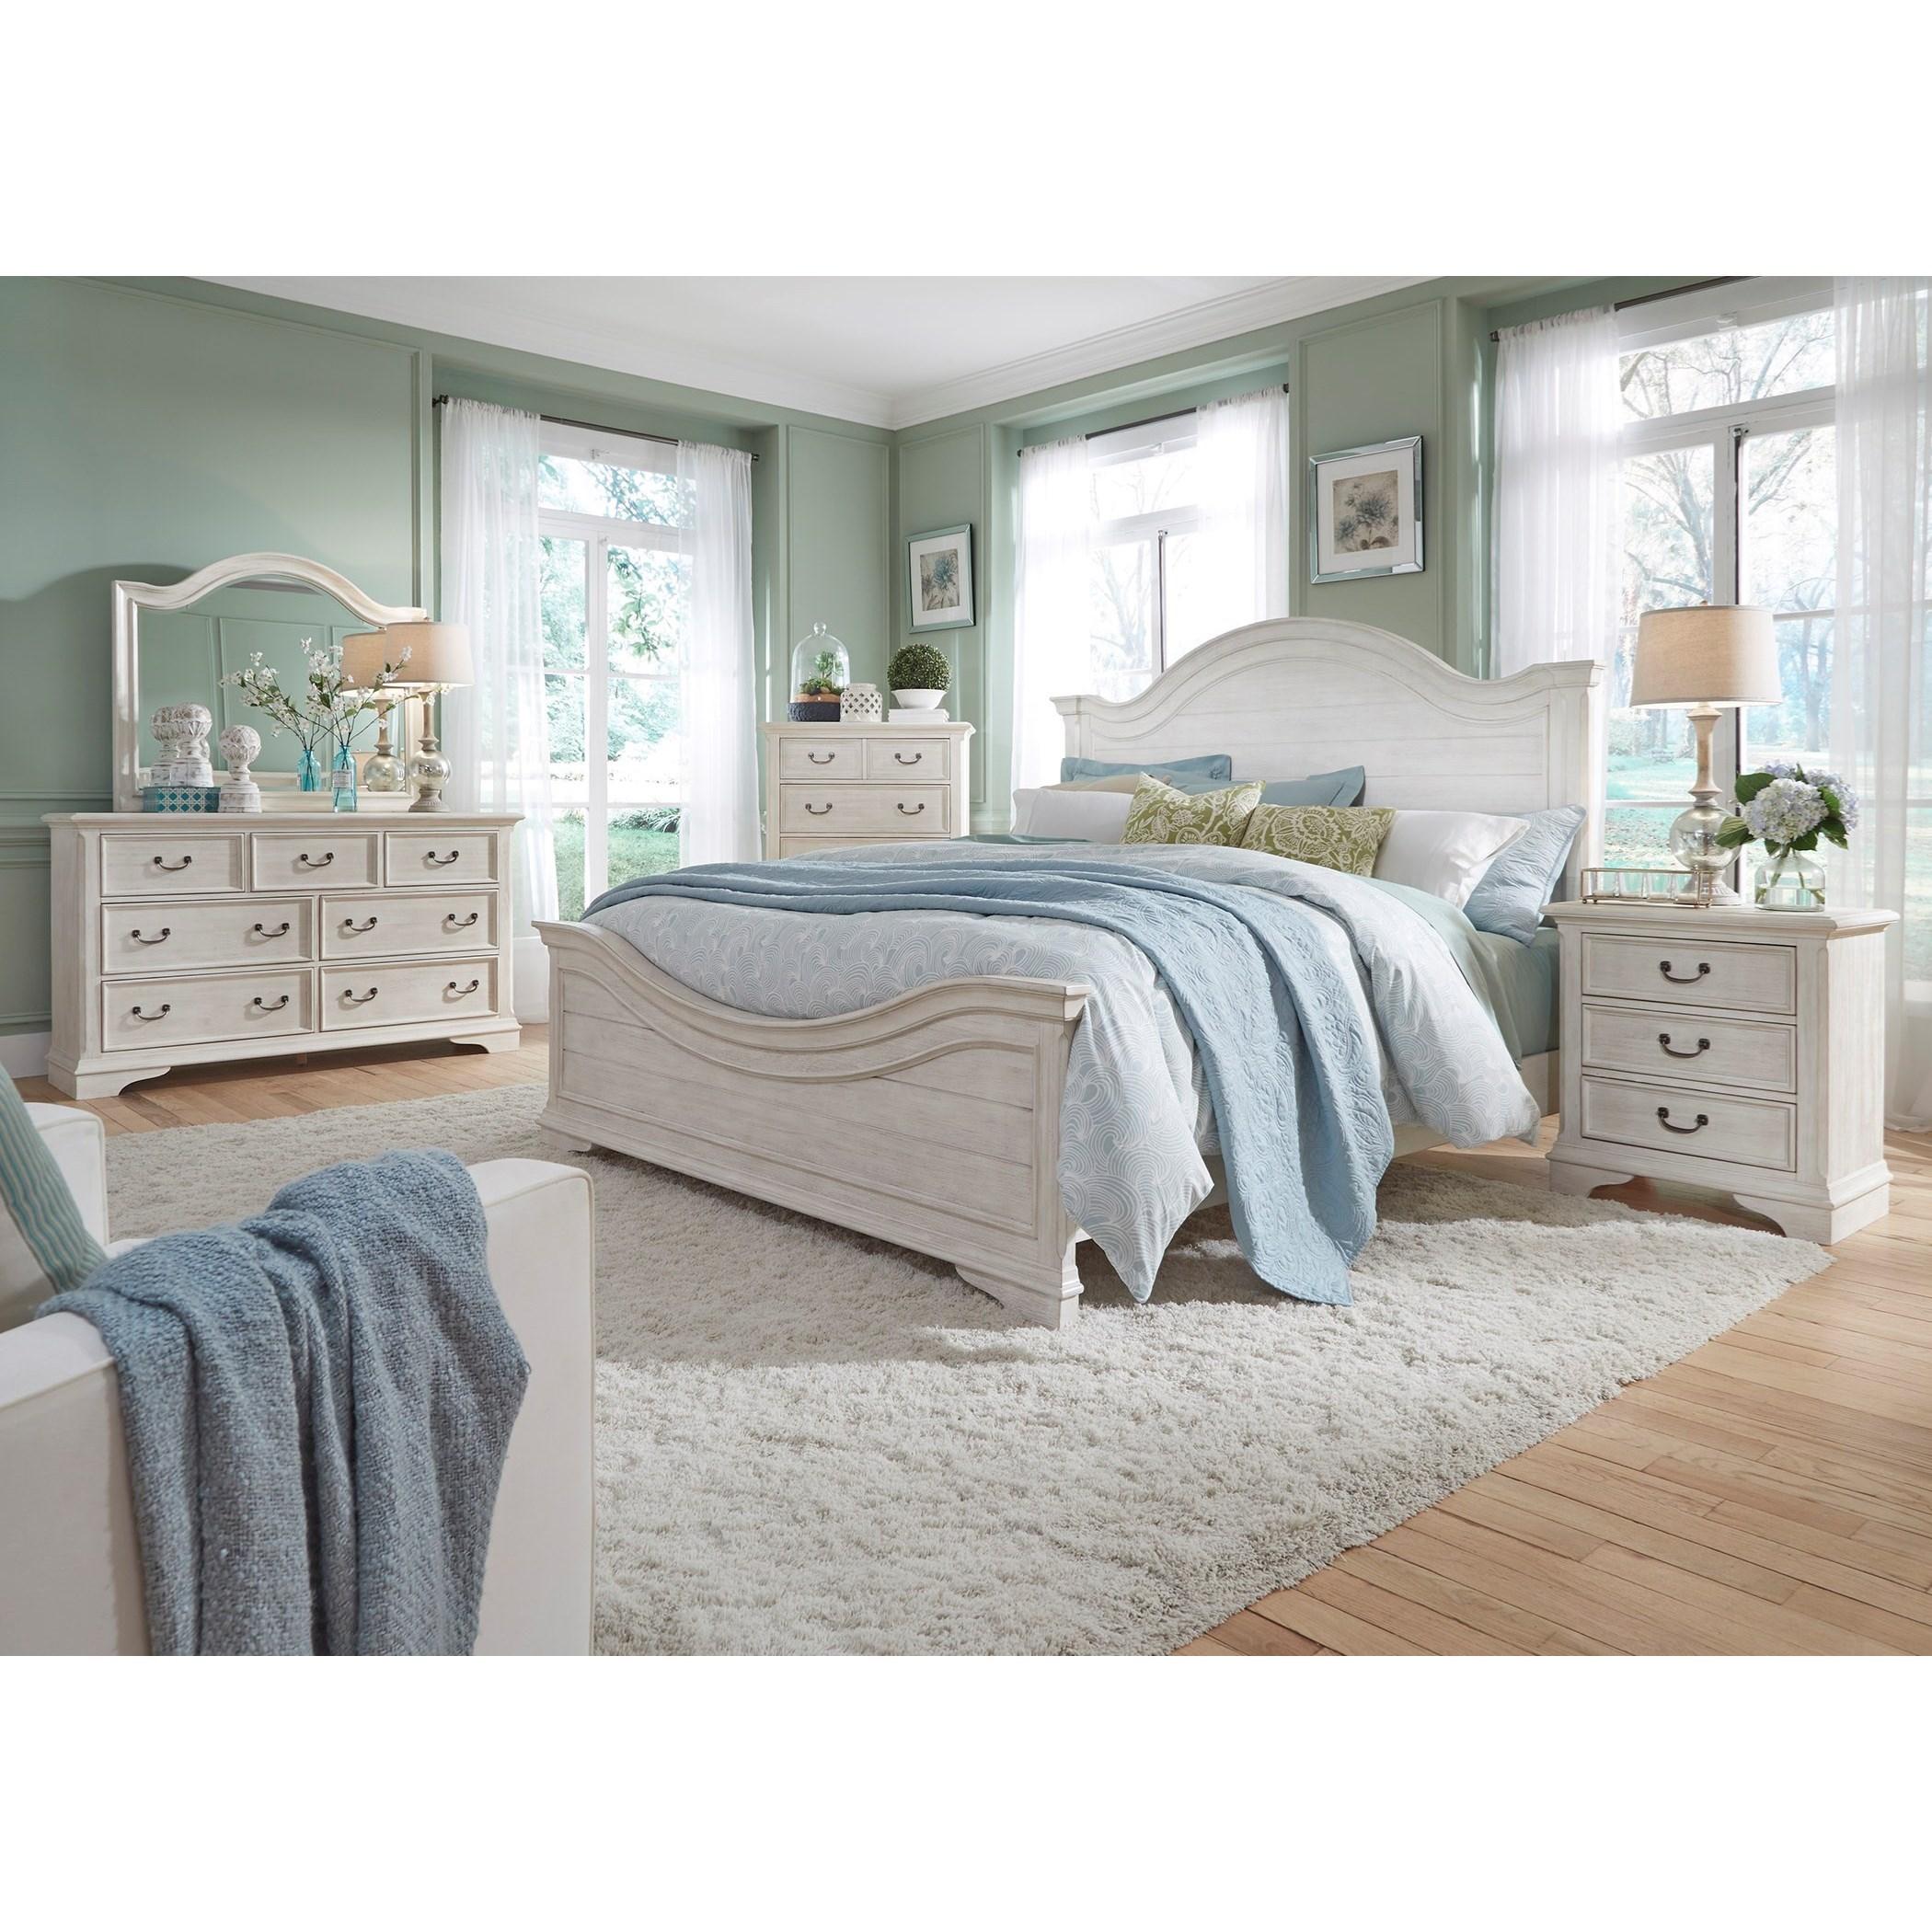 Liberty Furniture Bayside Bedroom Queen Bedroom Group Royal Furniture Bedroom Groups